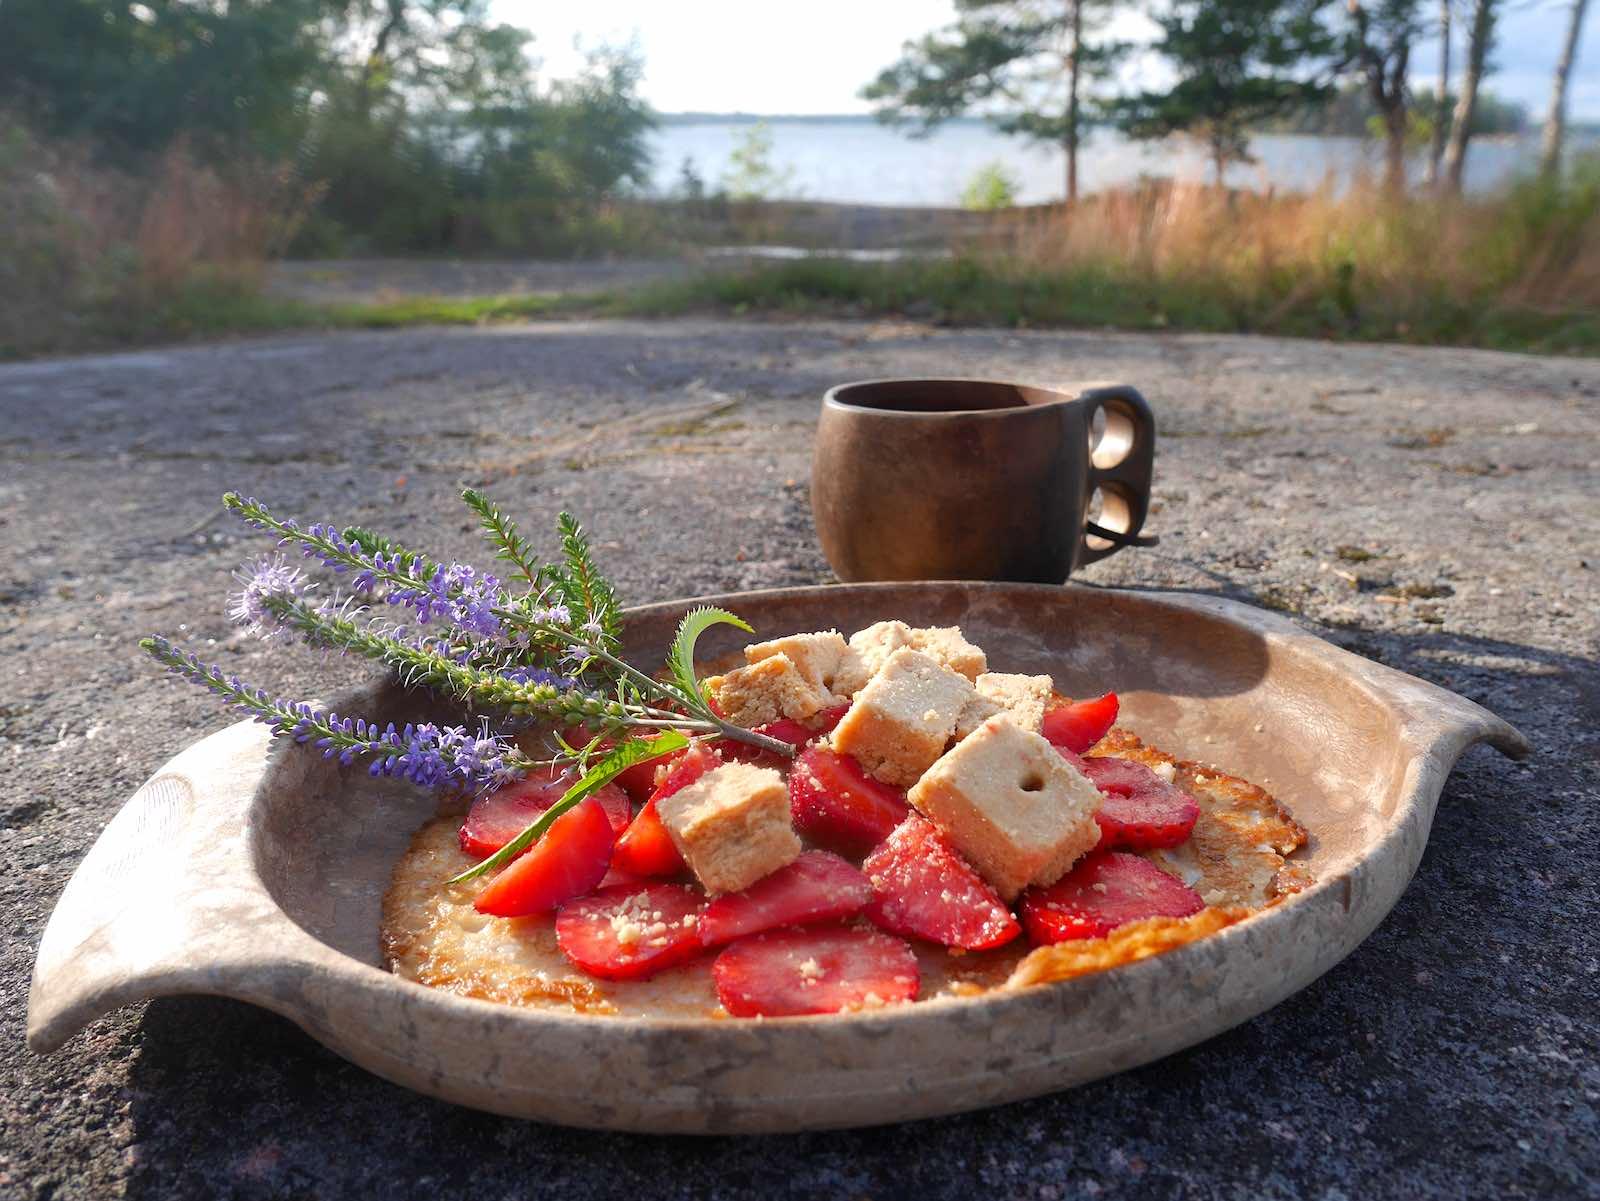 Letut ja kuksa rantakalliolla, Gåsgrund, Espoo